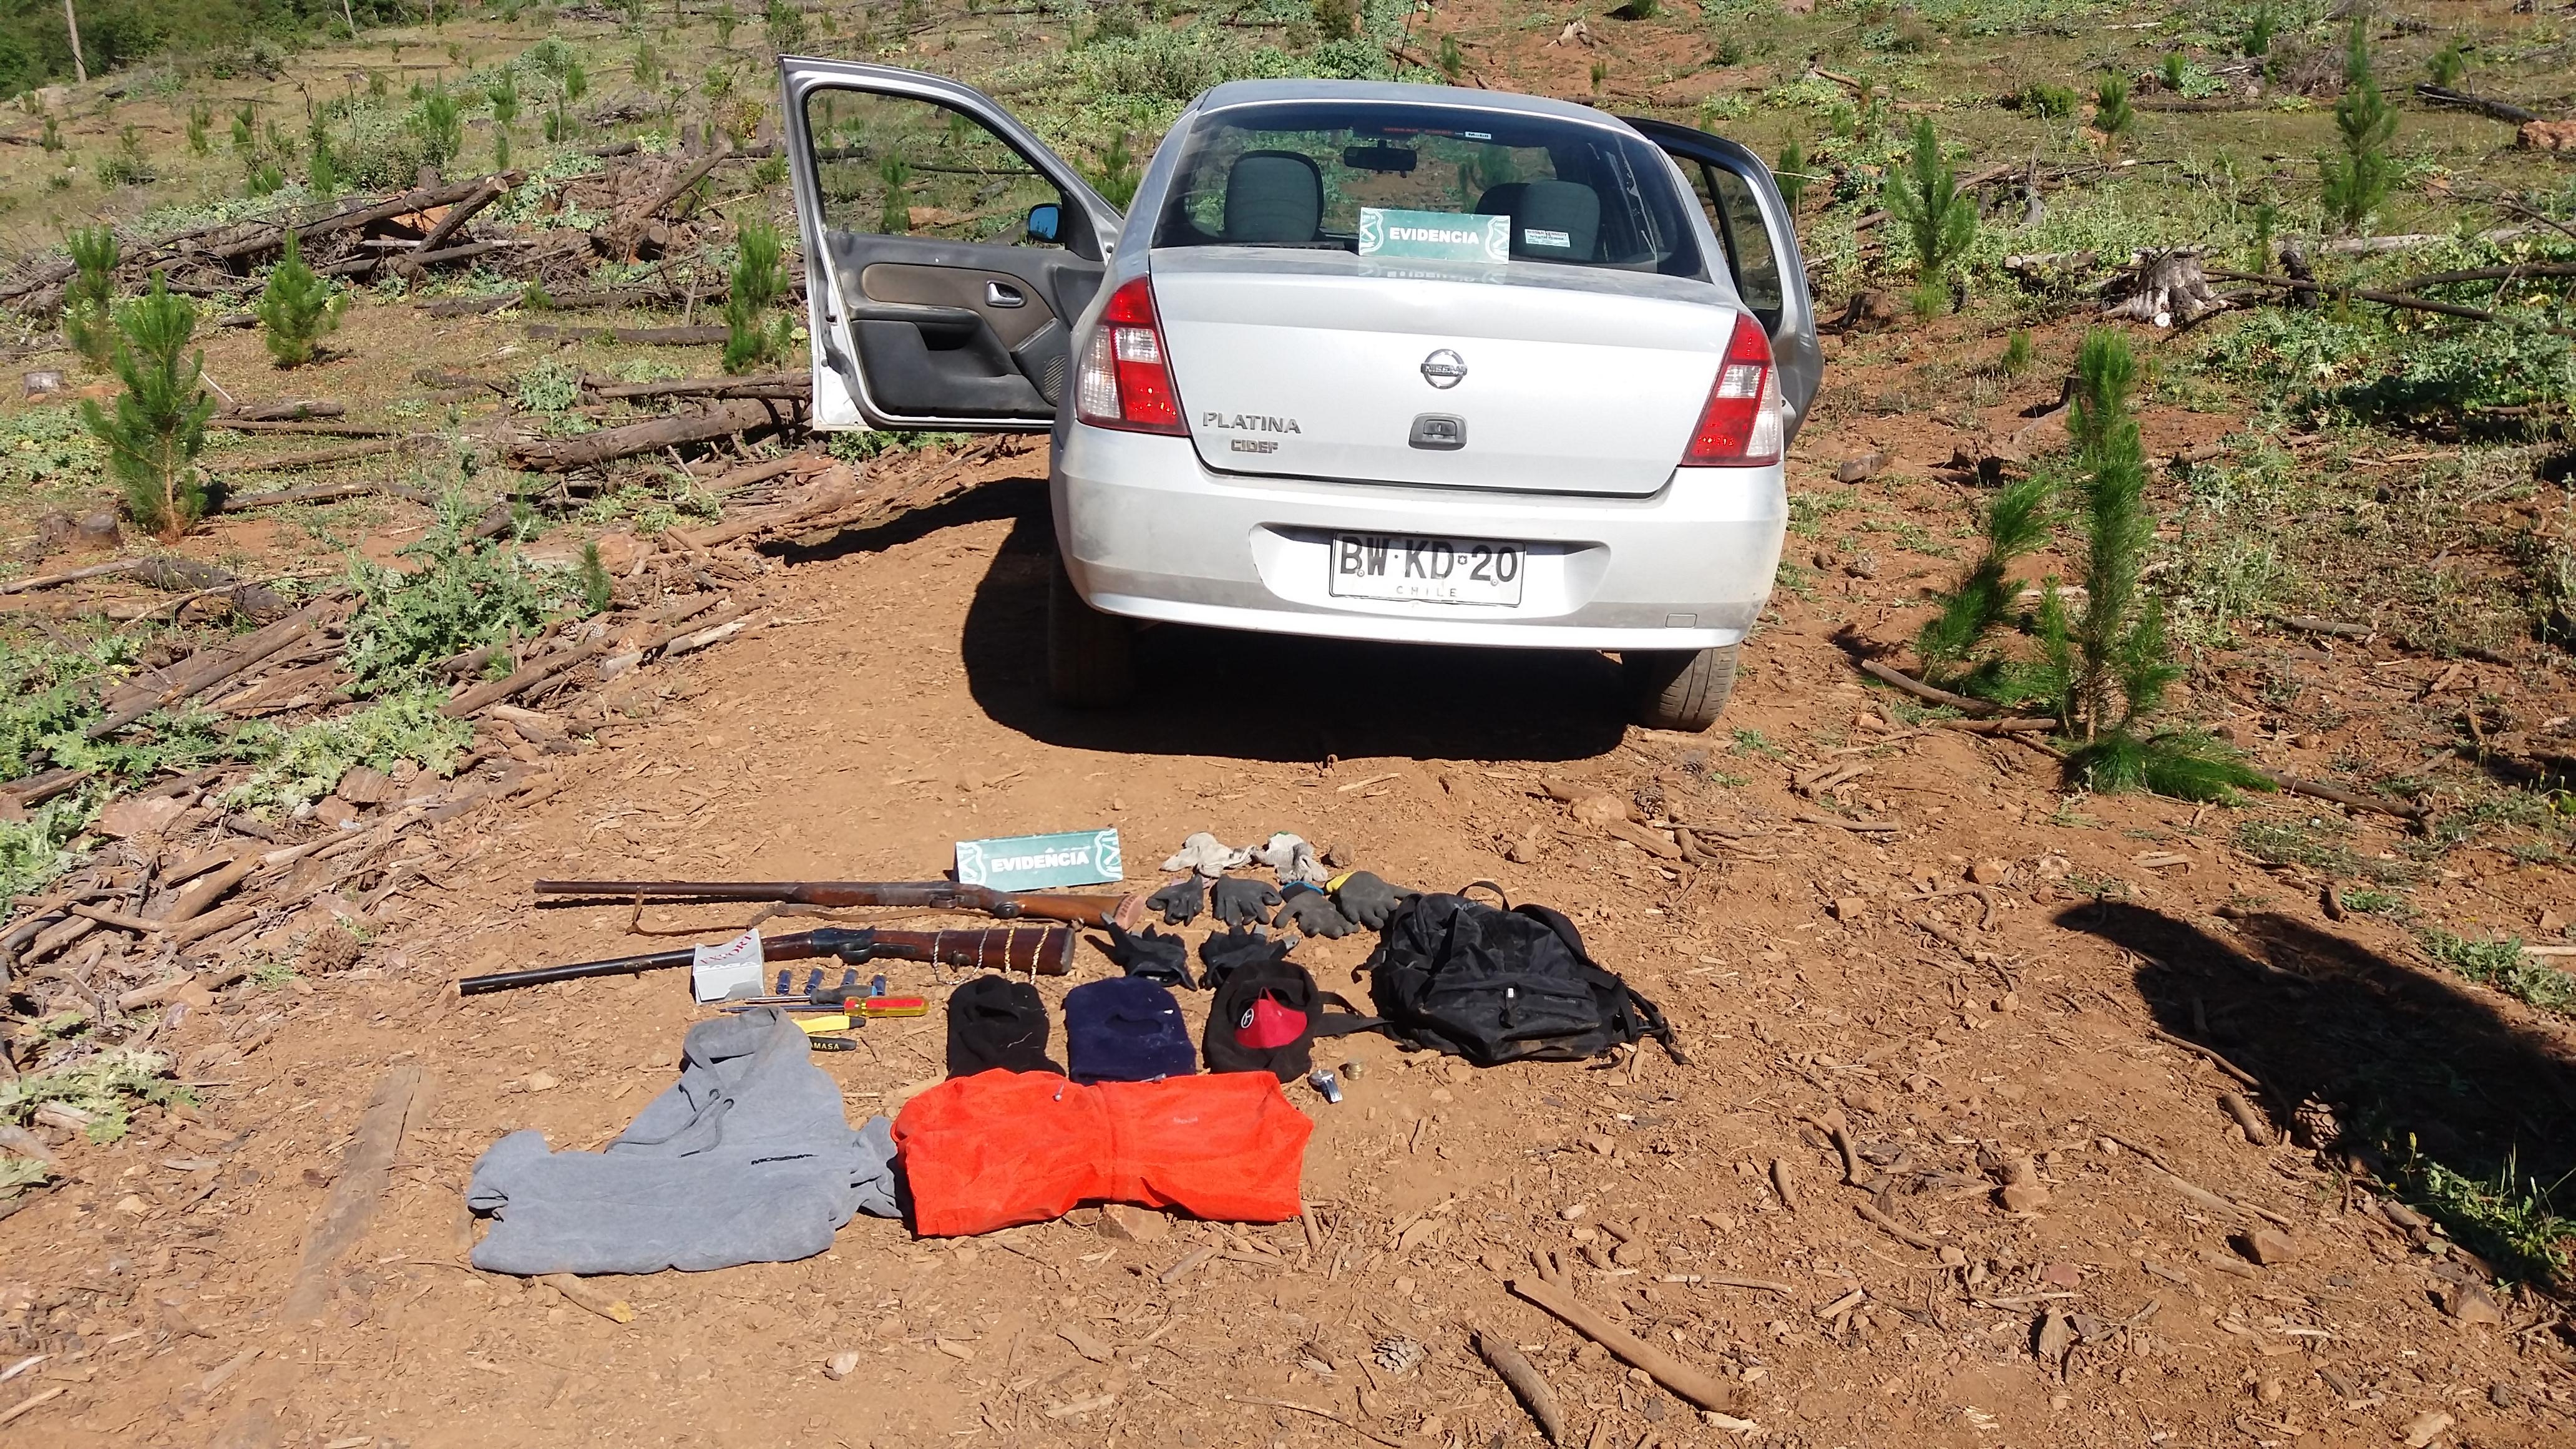 Espectacular persecución policial por robo en Pencahue termina con 4 detenidos